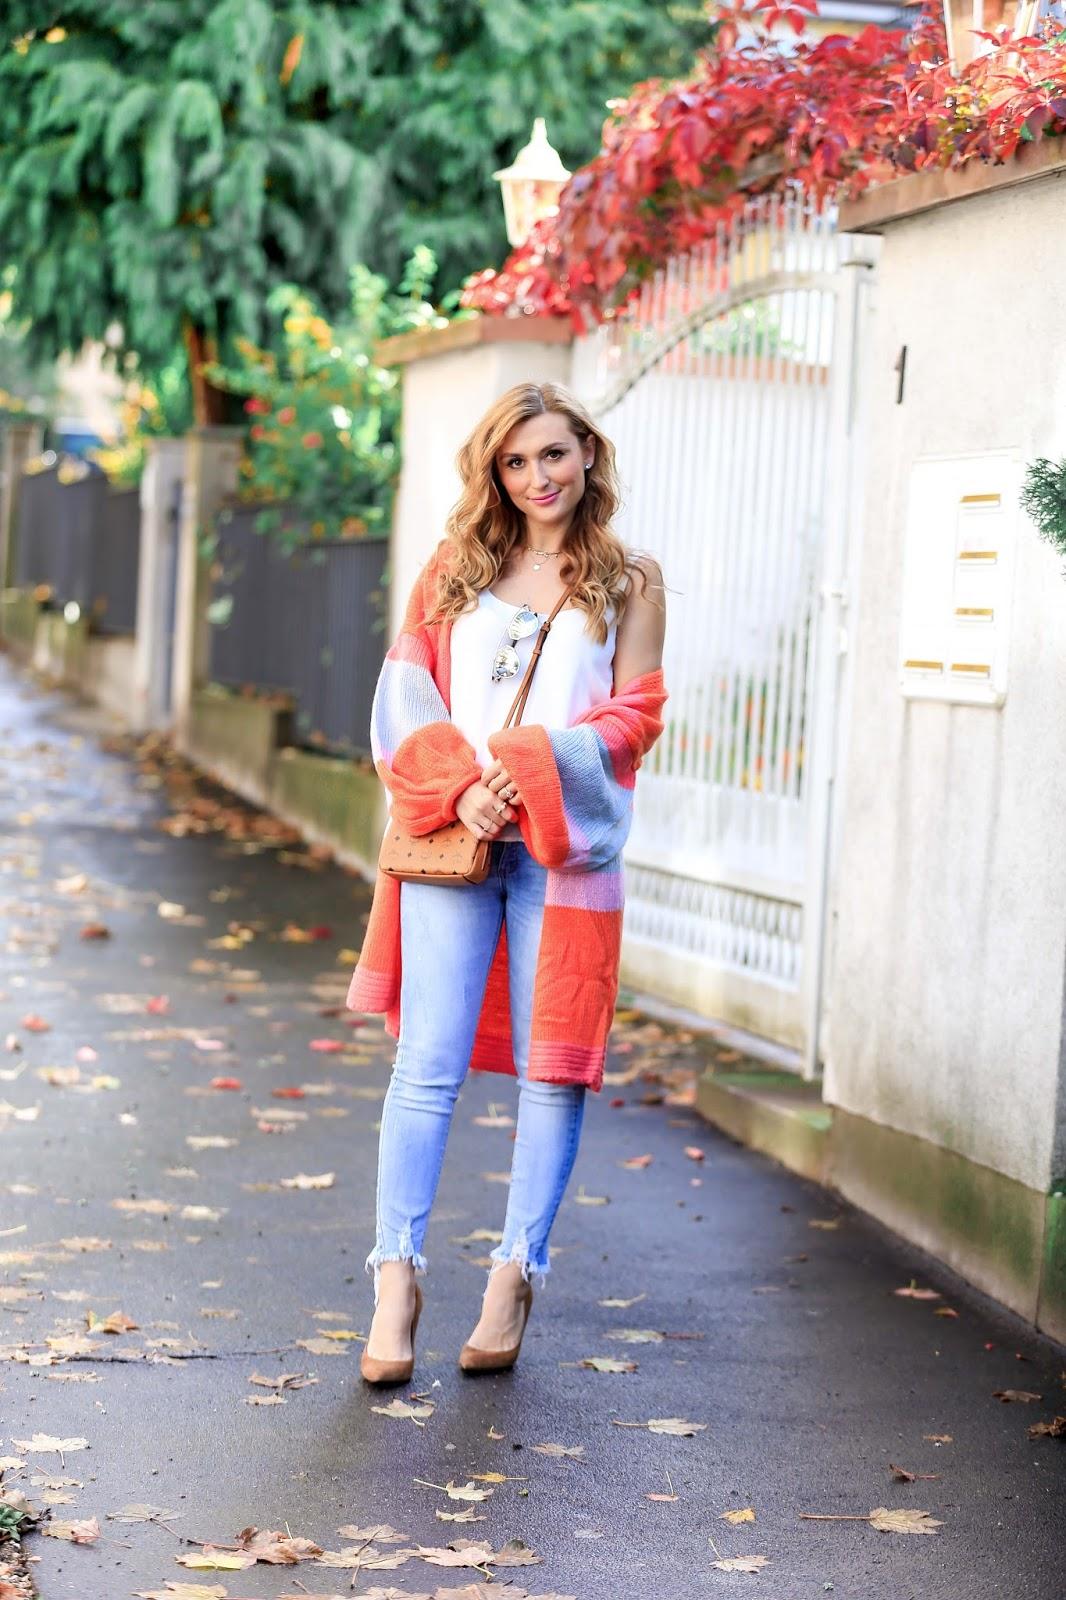 Mein Perfekter Herbstlook Mit Einem Bunten Cardigan